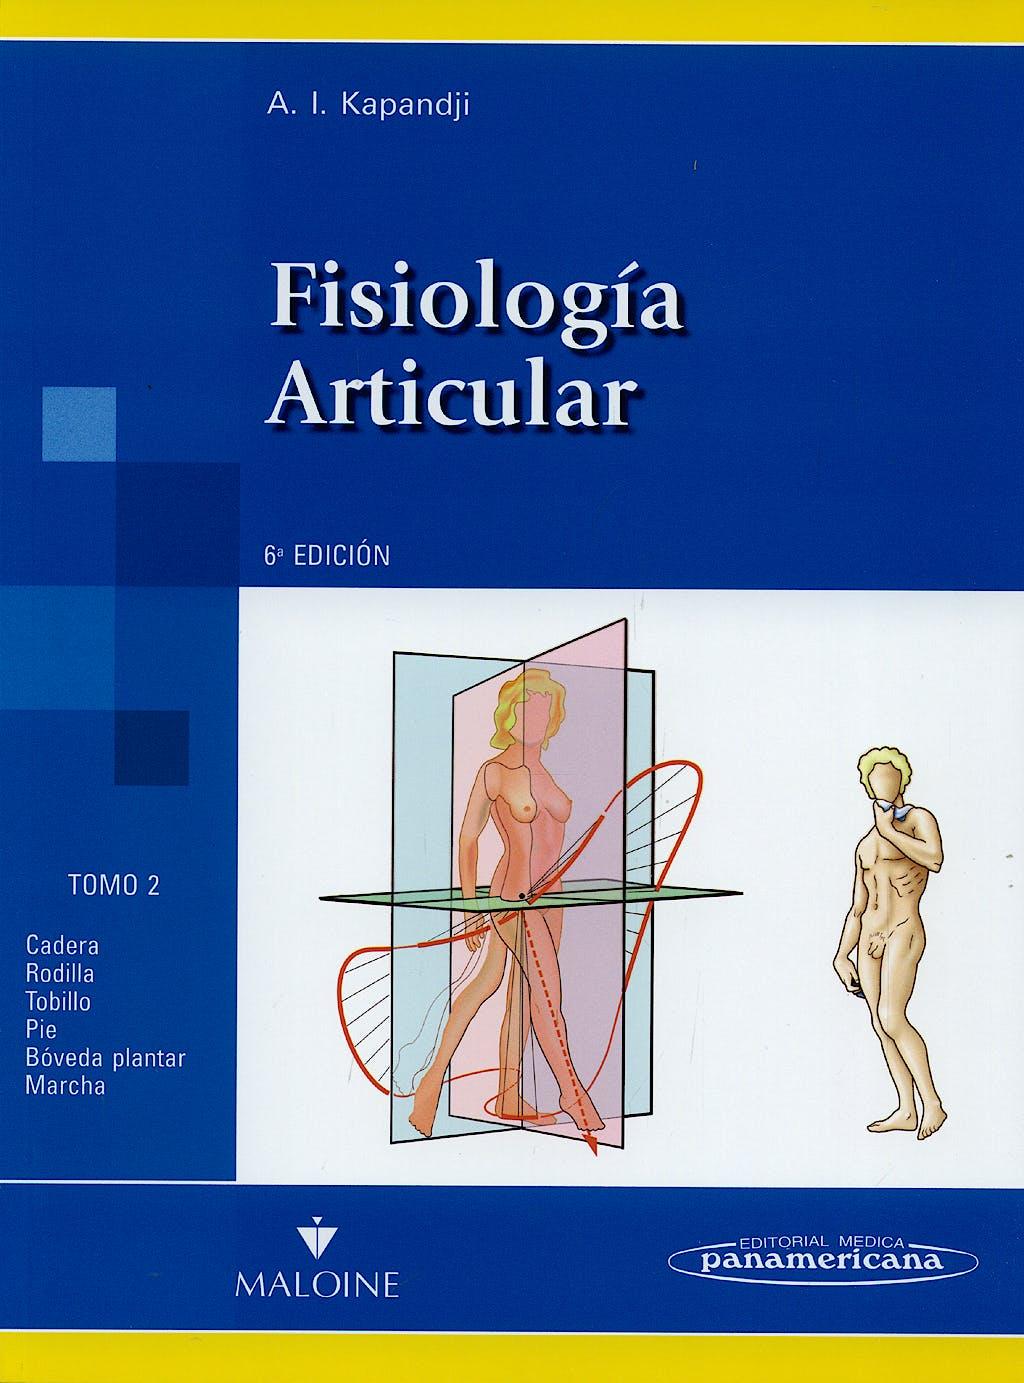 Producto: Fisiología Articular, Tomo 2: Miembro Inferior